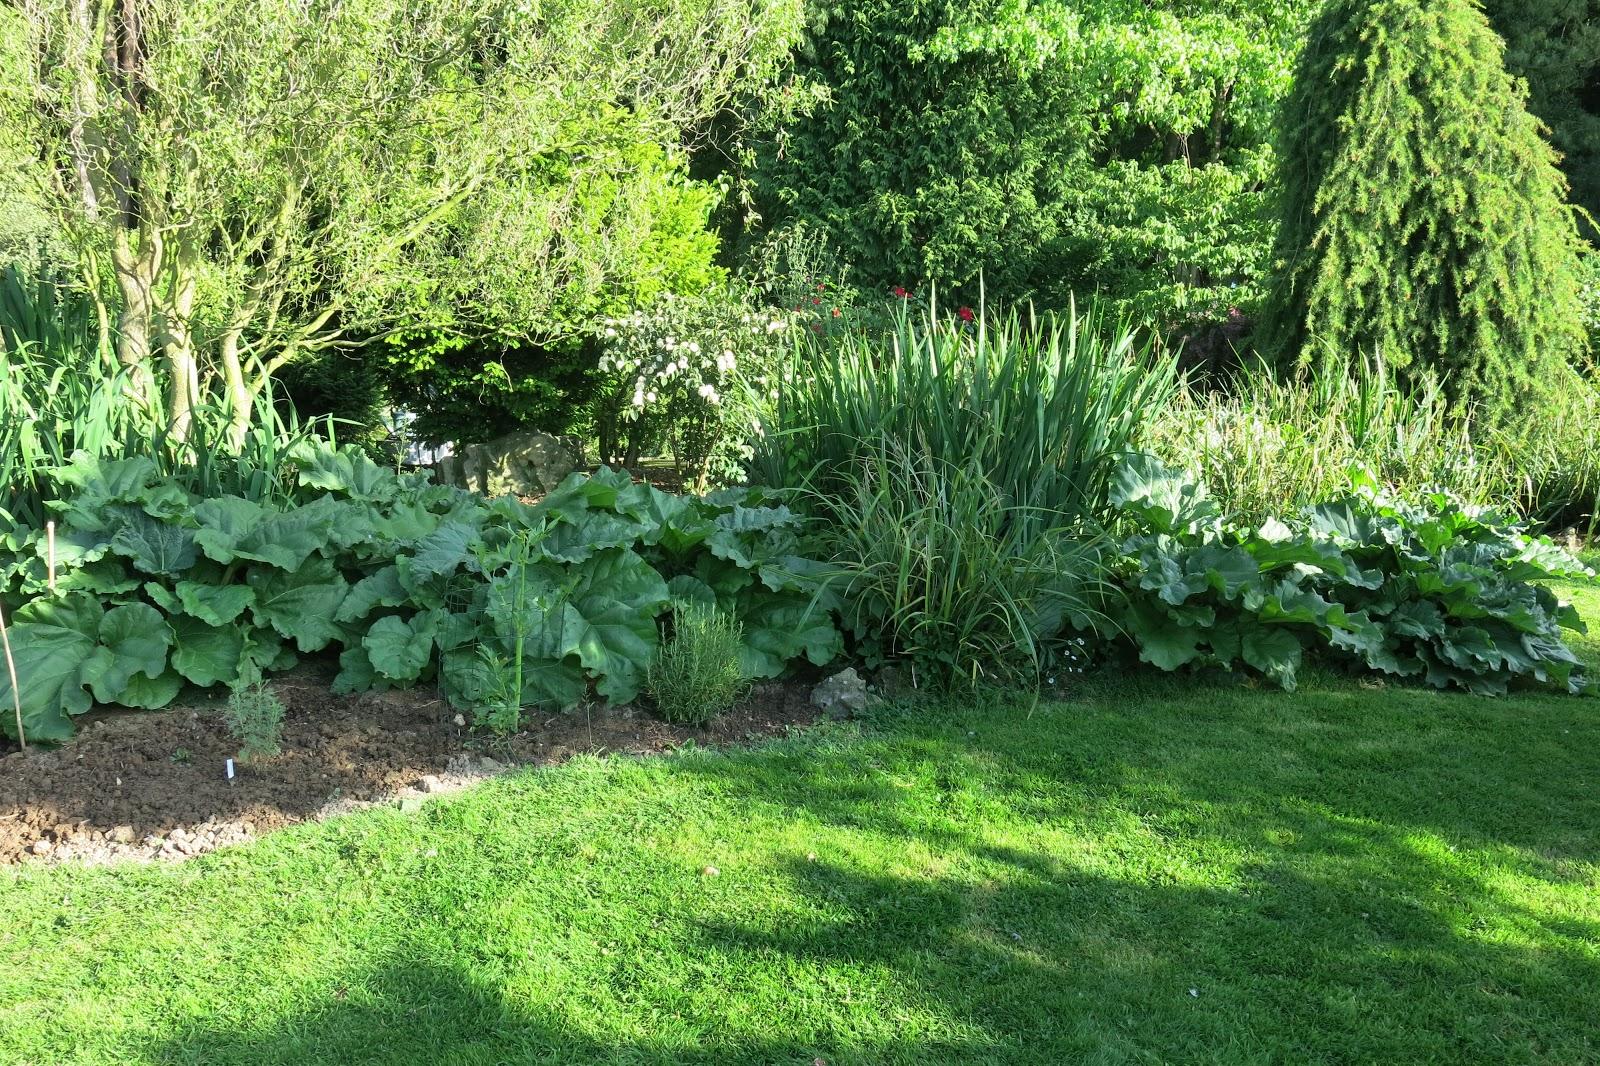 Parcours botaniques cueillette et vente de rhubarbe - Deco jardin nice rue barla versailles ...